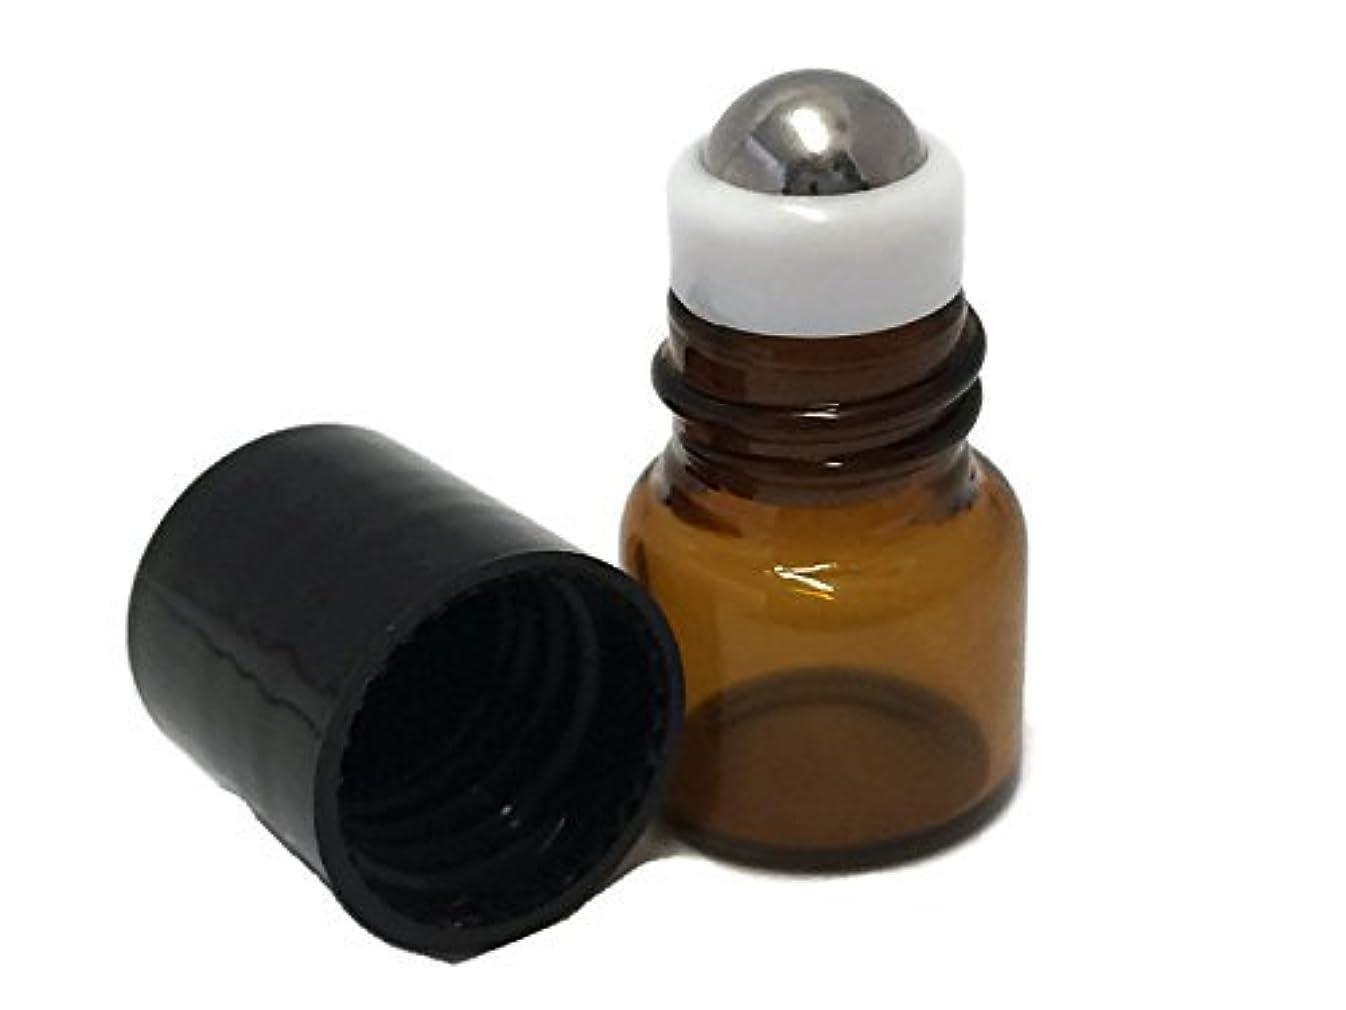 好ましい土地赤道USA 144-1 ml (1/4 Dram) Amber Glass Micro Mini Roll-on Glass Bottles with Stainless Steel Roller Balls - Refillable...